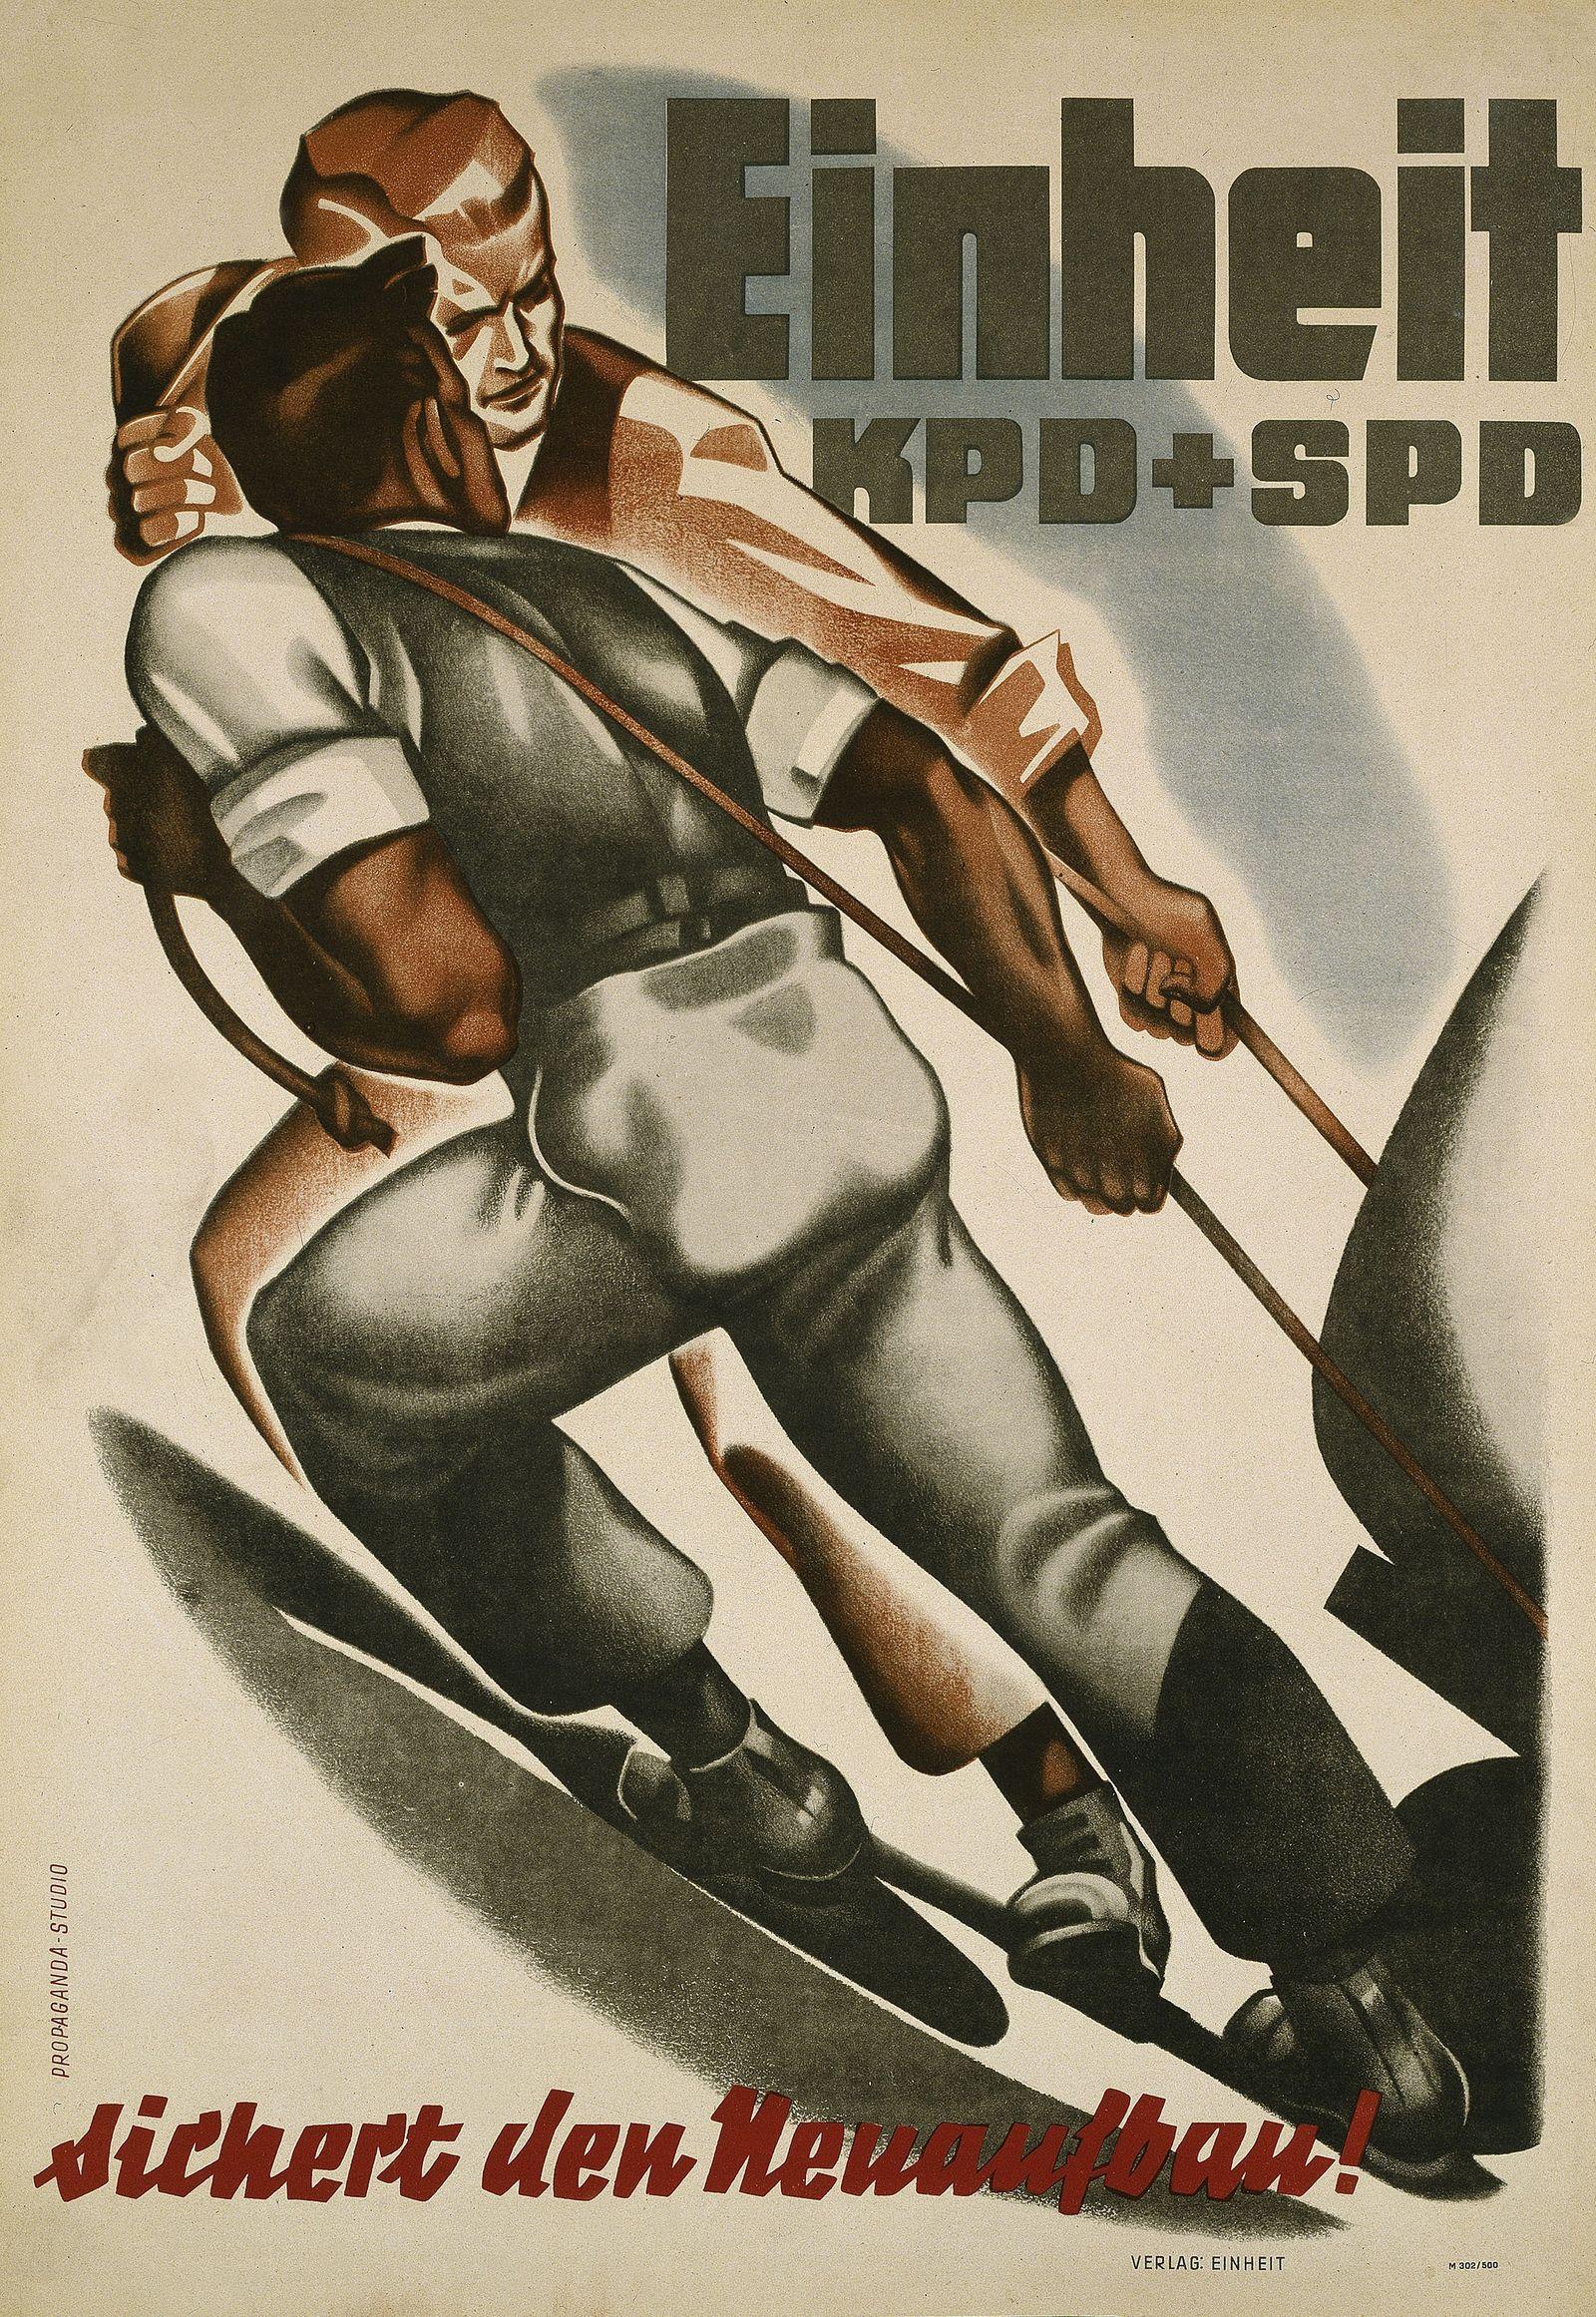 """Plakat f¸r den Zusammenschlufl von KPD und SPD - """"Einheit KPD + SPD - sichert den Neuaufbau!"""""""